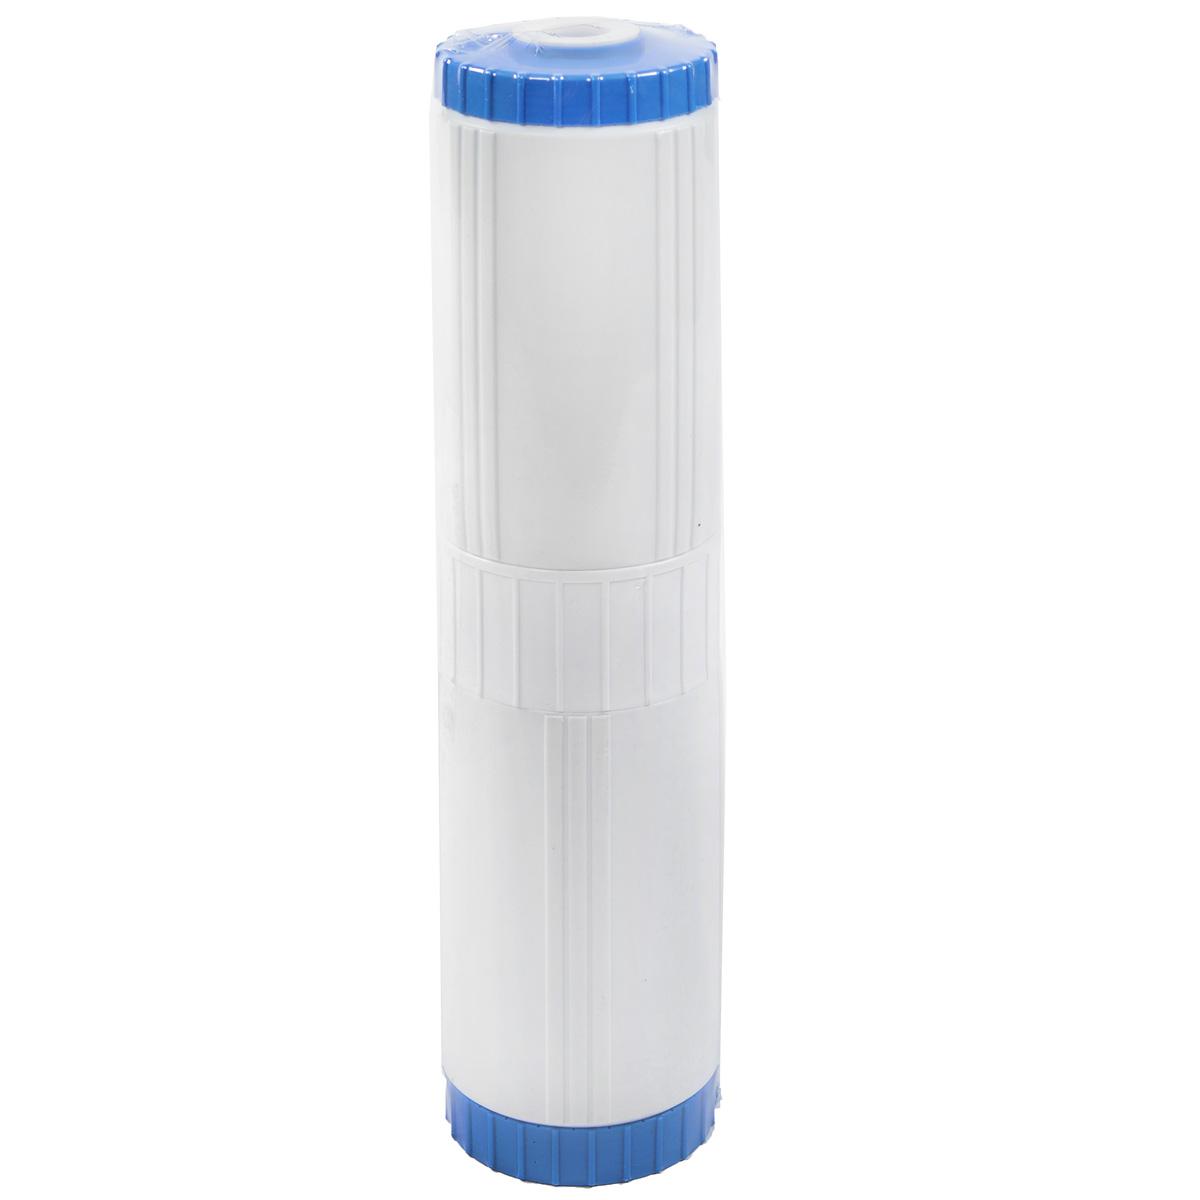 Картридж минеральный Гейзер БА-20BB68/5/2Картридж минеральный Гейзер БА-20BB предназначен для рН-коррекции, удаления из воды растворенных железа, марганца и соединений других тяжелых металлов. Картридж заполнен уникальным природным материалом, обладающим каталитическими и окислительными свойствами. Частично нейтрализует сероводород, хлор, полифосфаты и другие смеси. Изделие имеет прочный пластиковый корпус.Инструкция по замене картриджа прилагается. Размер картриджа: 11 см х 11 см х 50 см.